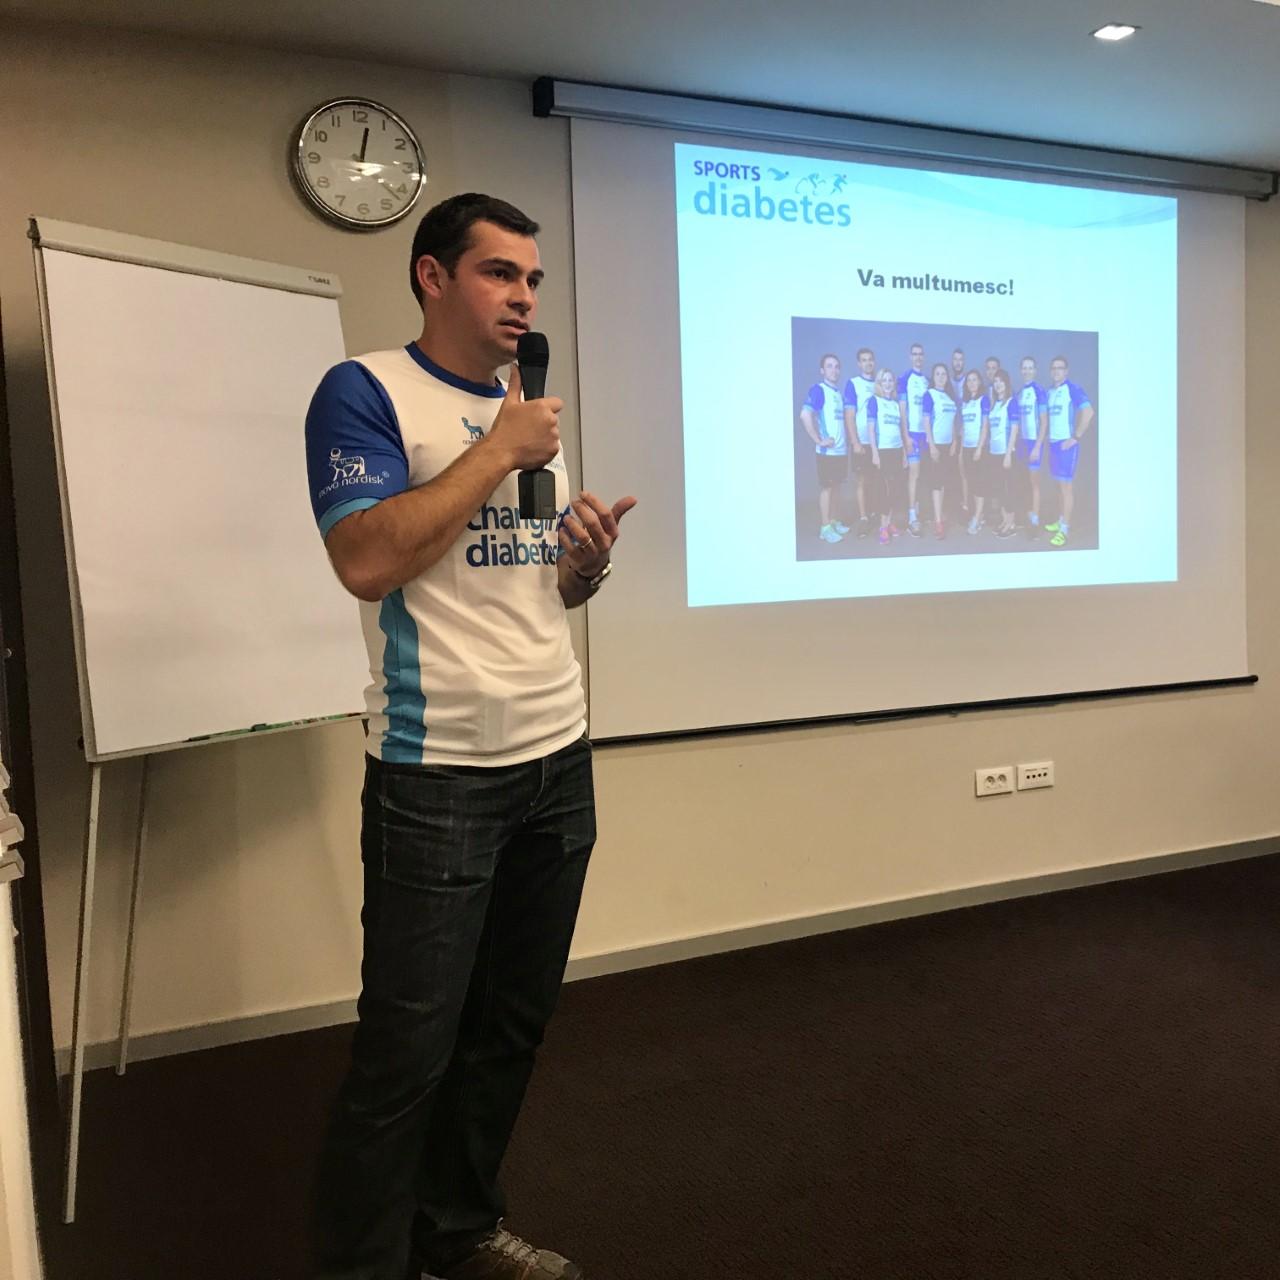 Dr. Mihai Comşa (Asociația Sports & Diabetes): Restricțiile de deplasare duc în multe cazuri la reducerea activității fizice, cu un efect de creștere a glicemiilor și creșterea aportului caloric zilnic